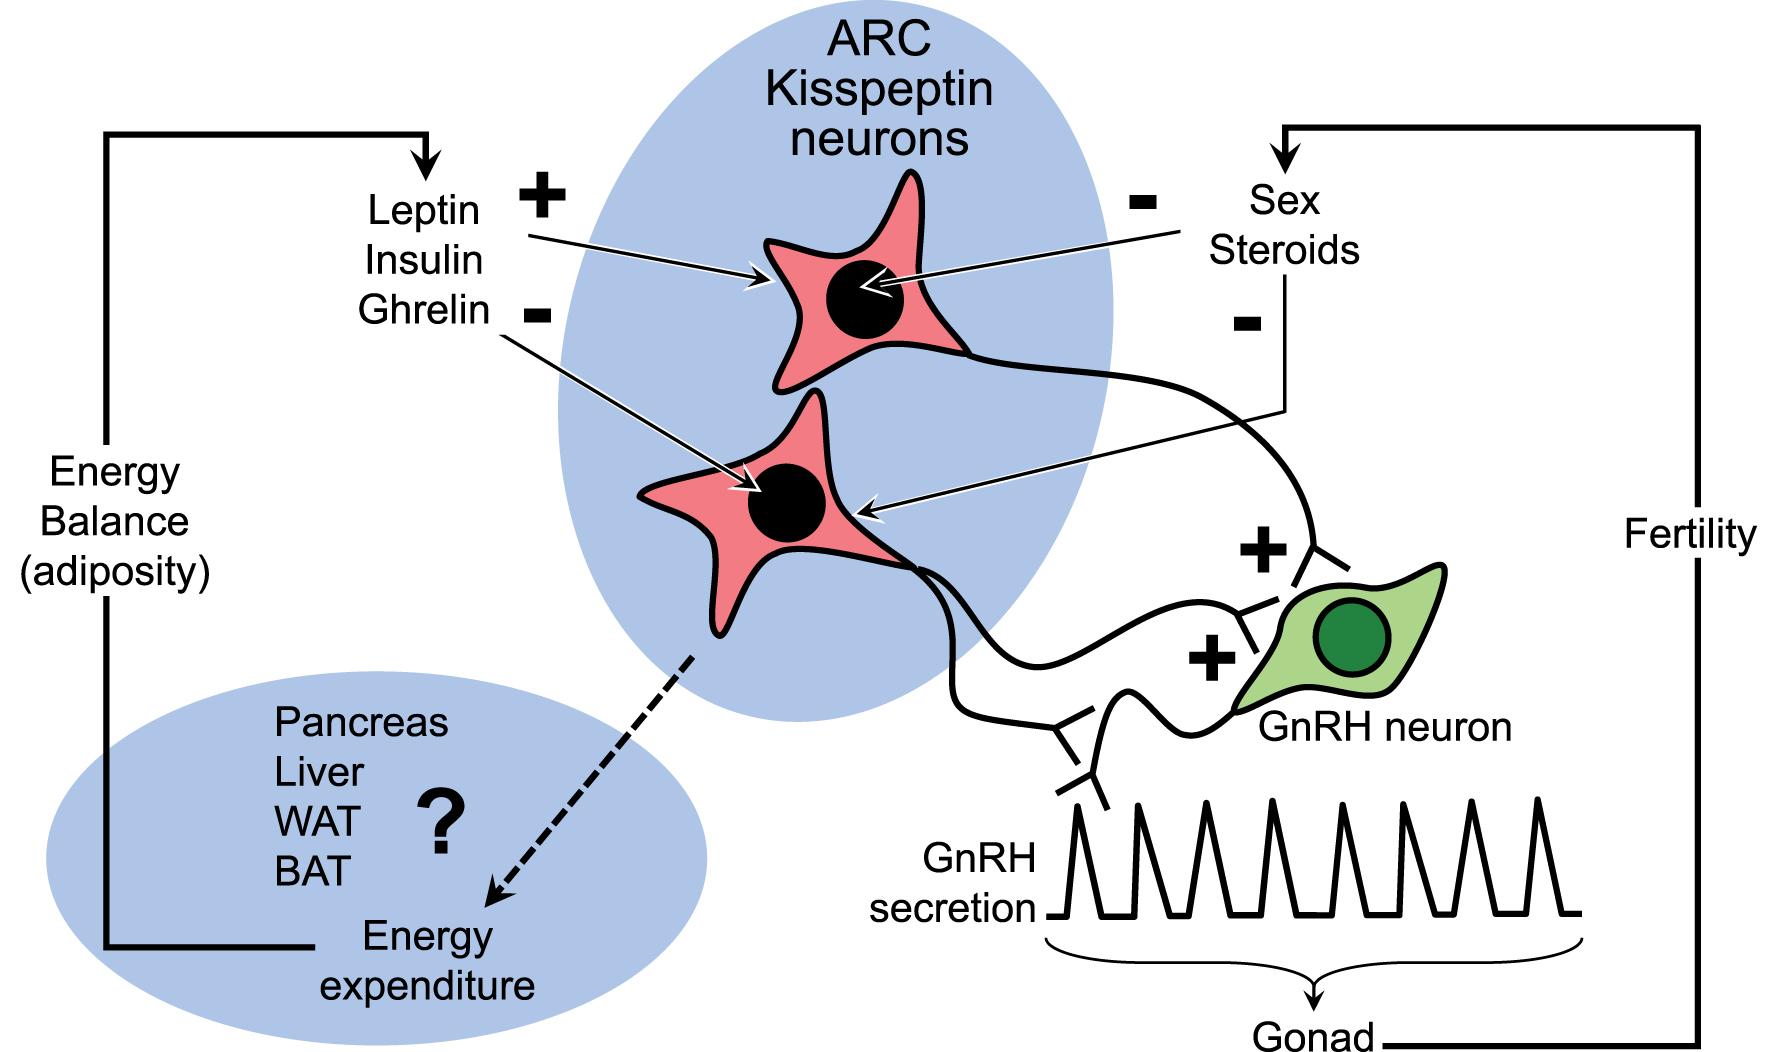 Kisspeptin Gnrh Neurons